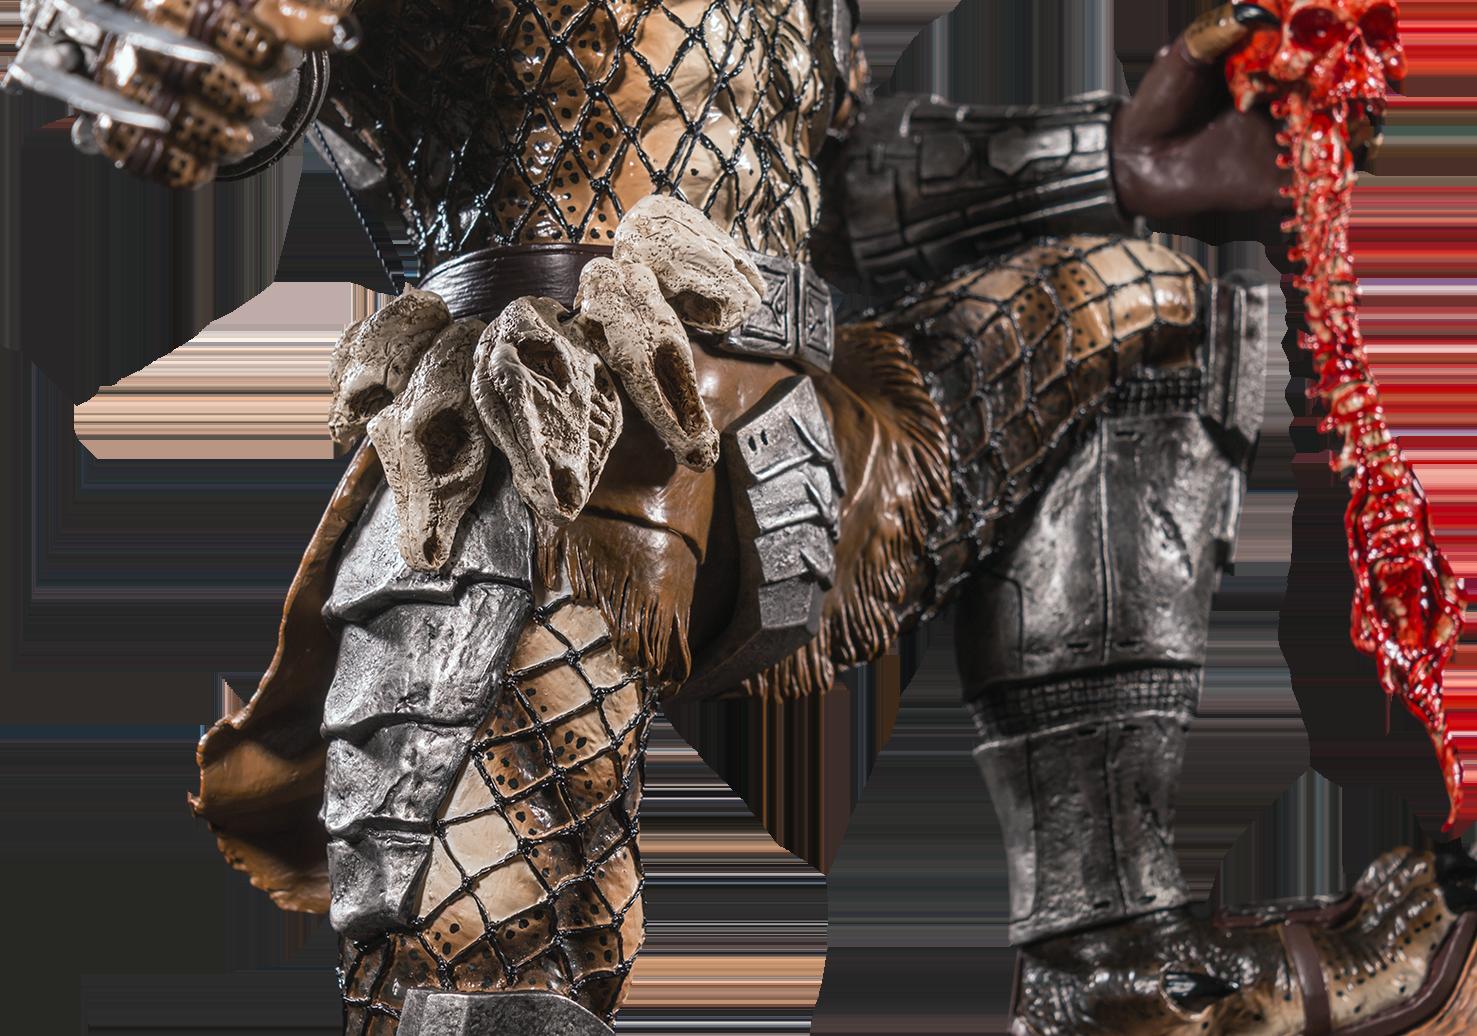 IKO0965-Predator-Statue-20.png